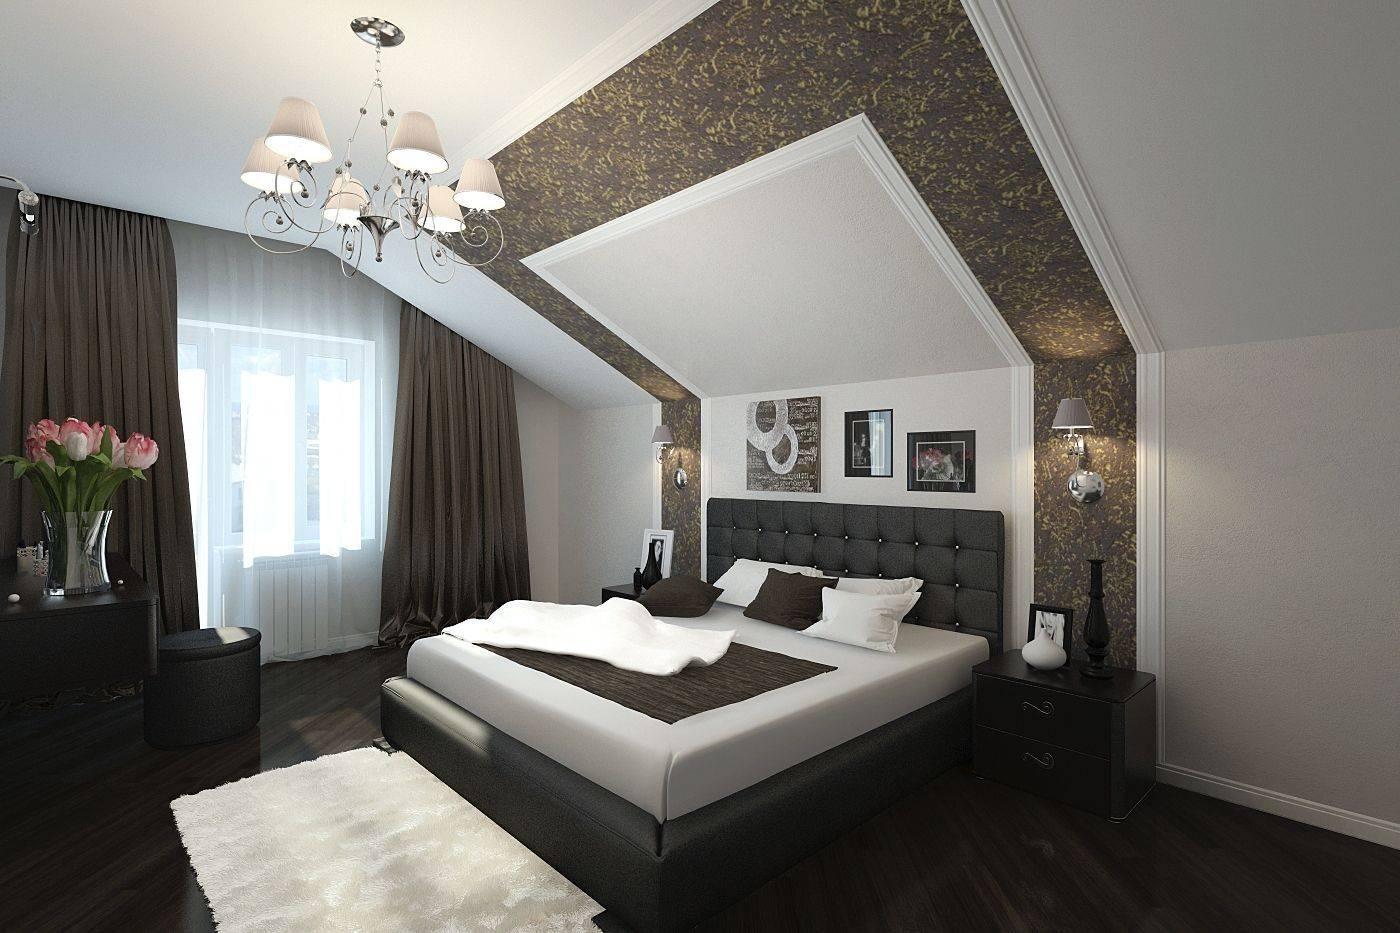 крупные, полумахровые, дизайн спальни под крышей фото прочитал еще всю